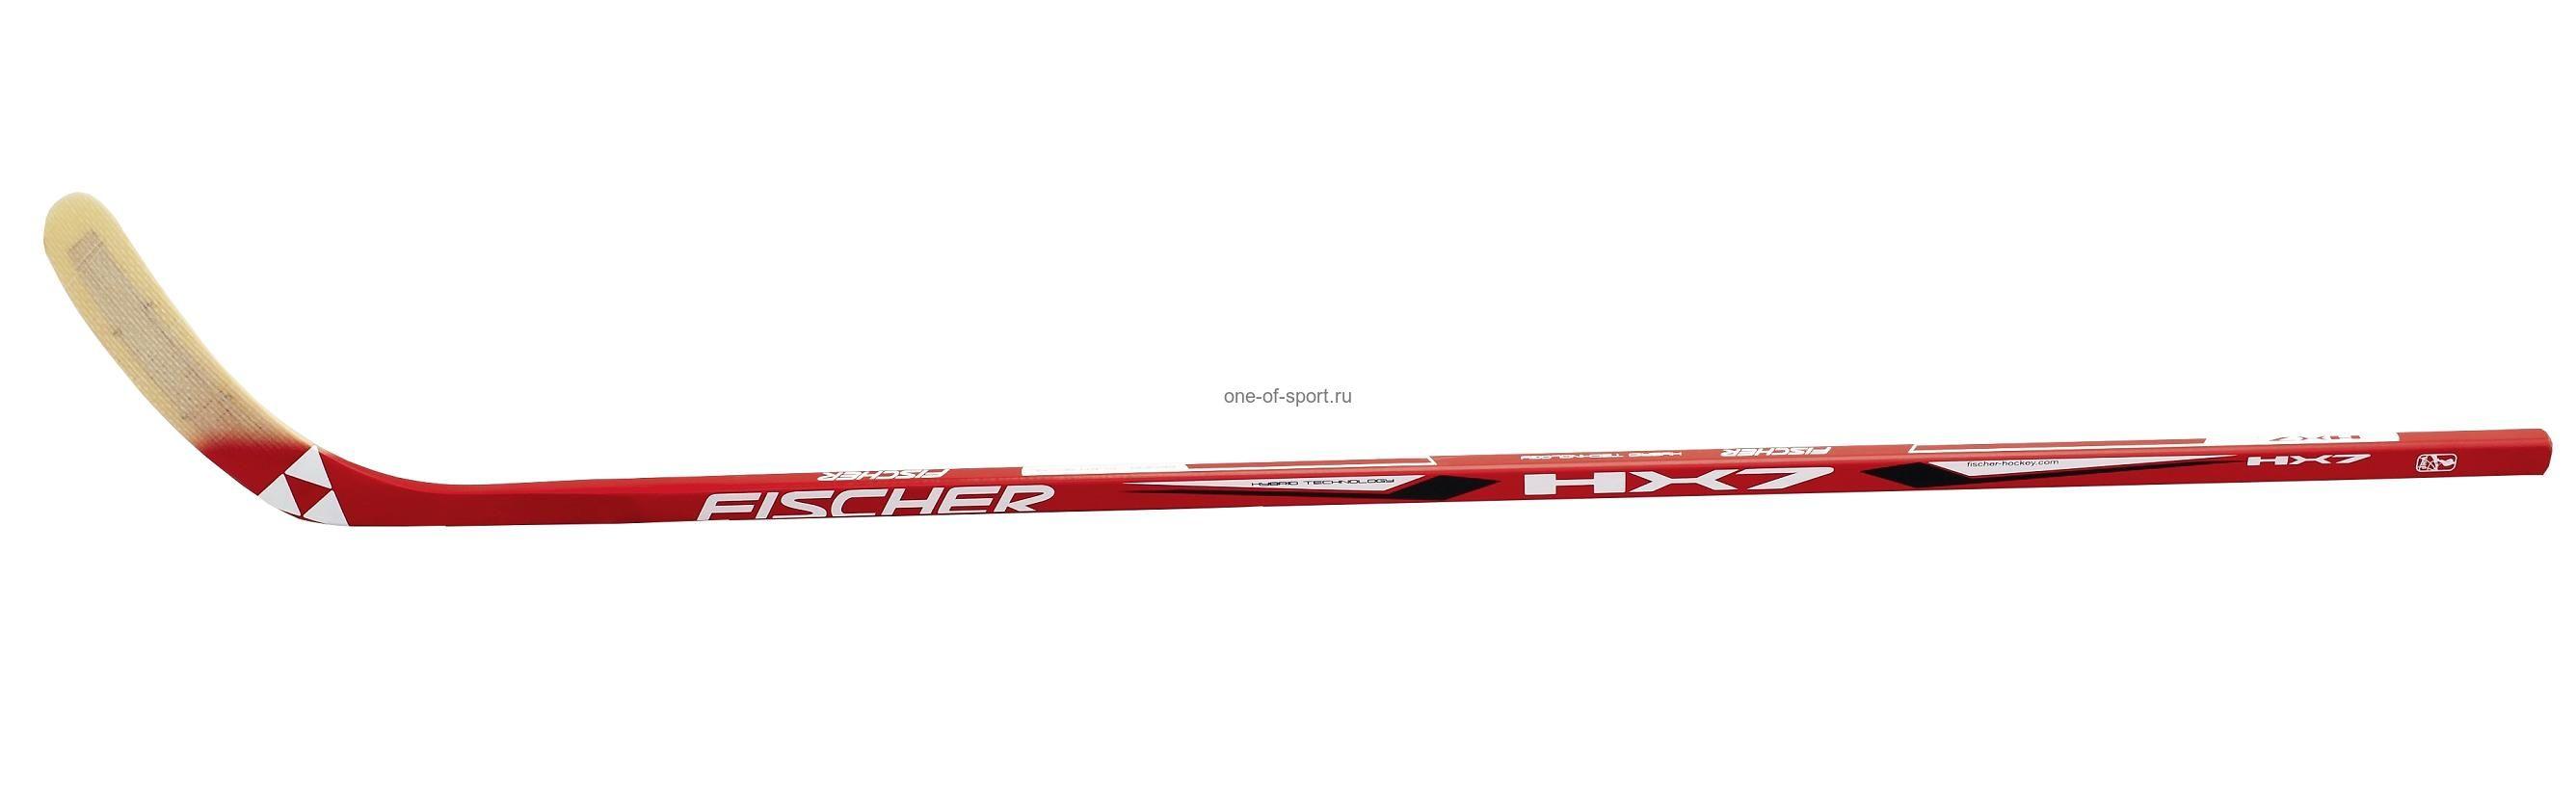 Клюшка хоккейная Fischer HX7 SR арт.H14614